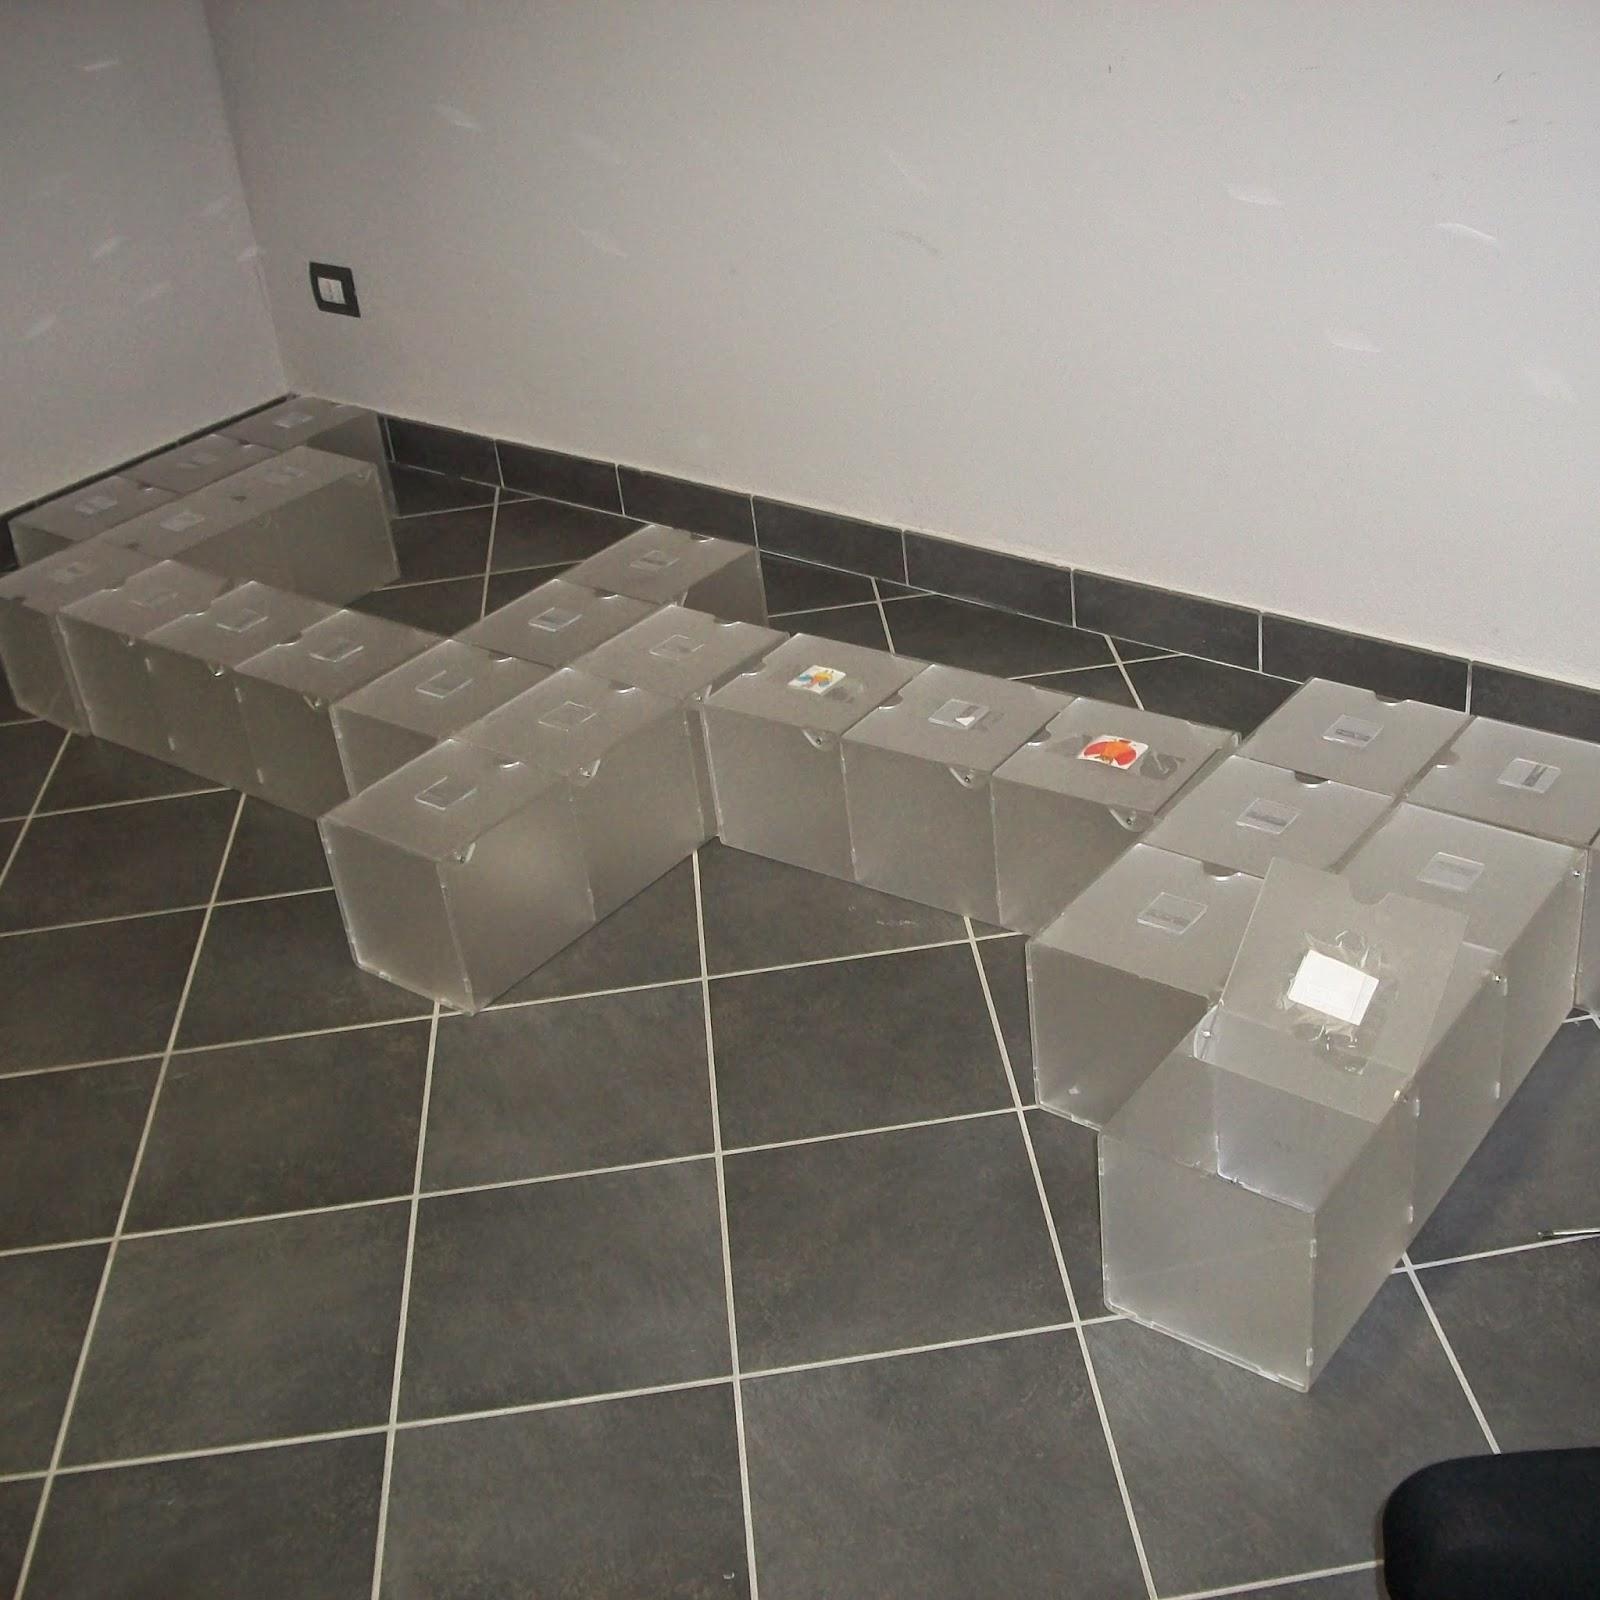 Organizzare lo spazio e arredare con materiali riciclati - Foto 2